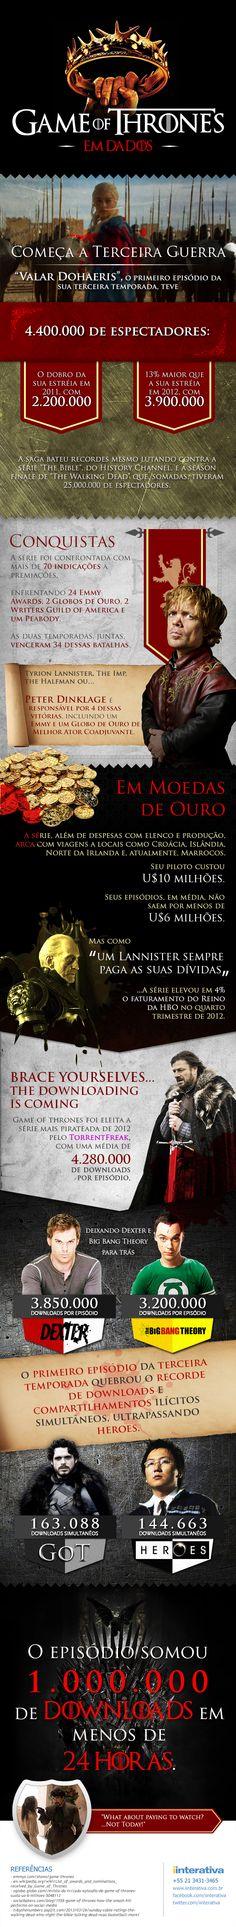 Infográfico - Game Of Thrones em dados.